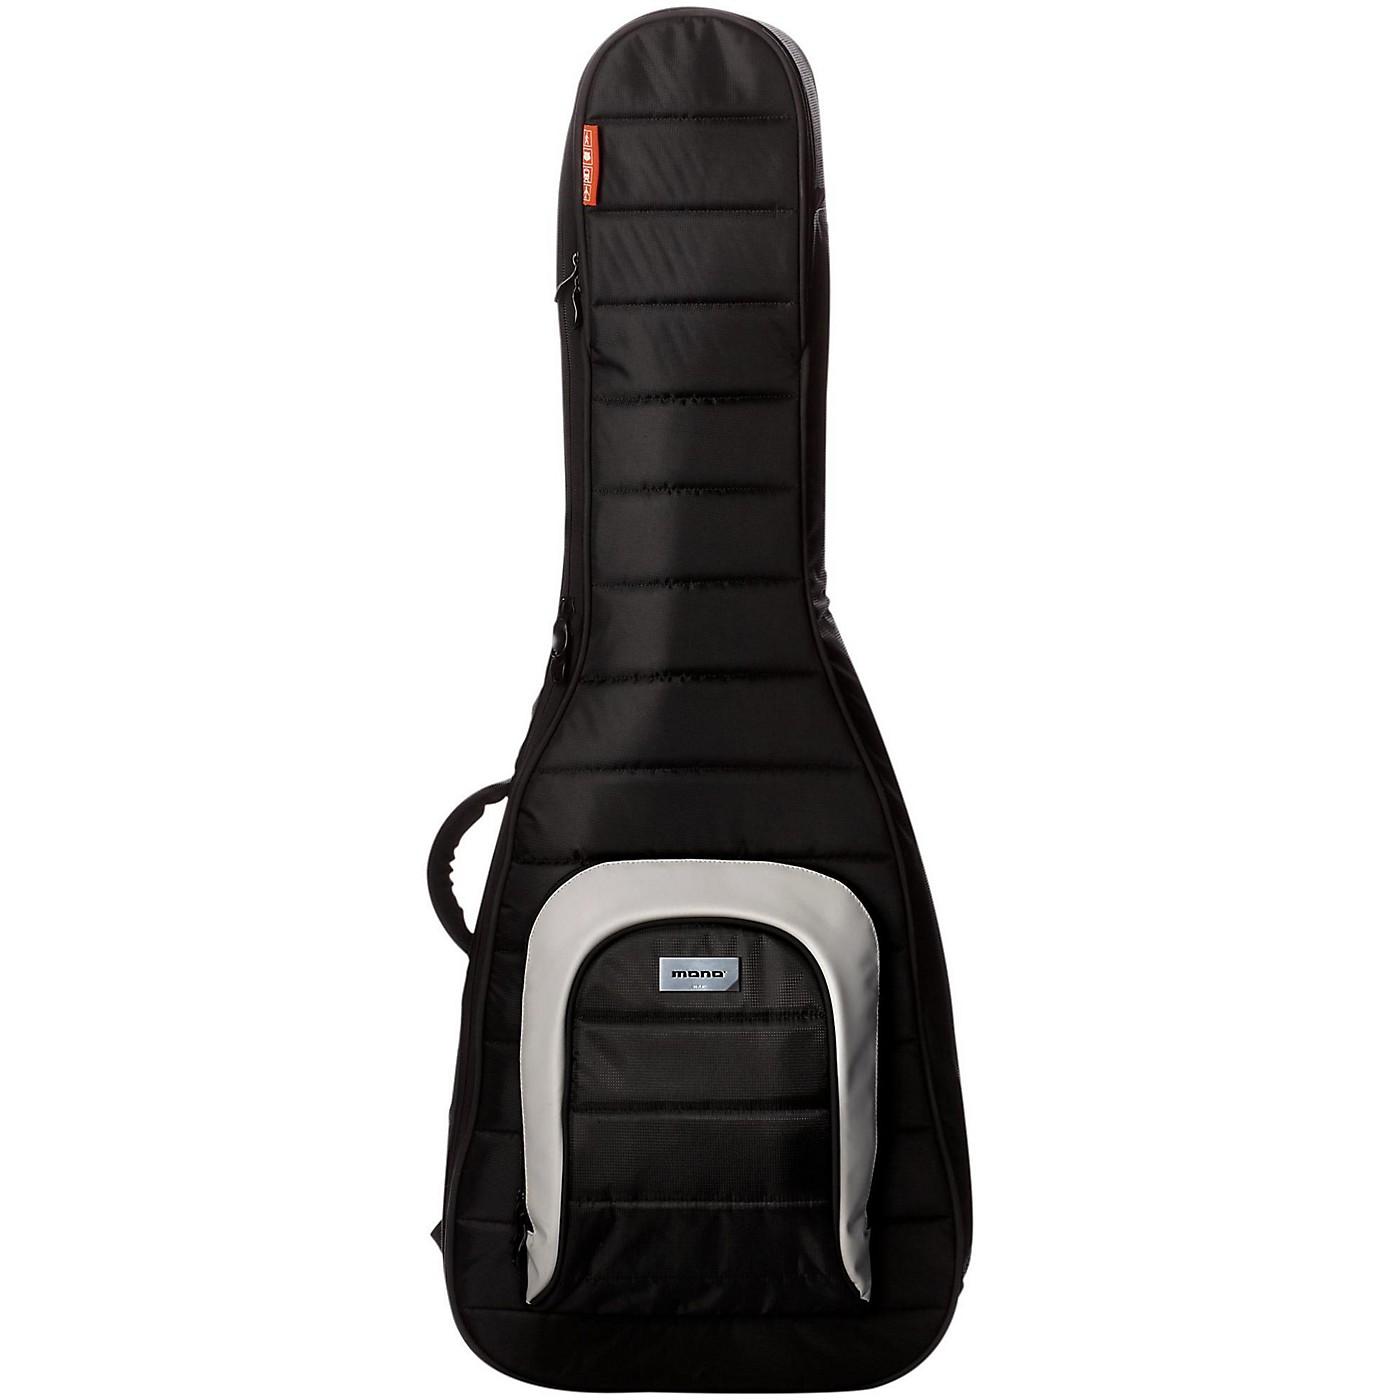 MONO M80 Electric Guitar Case thumbnail